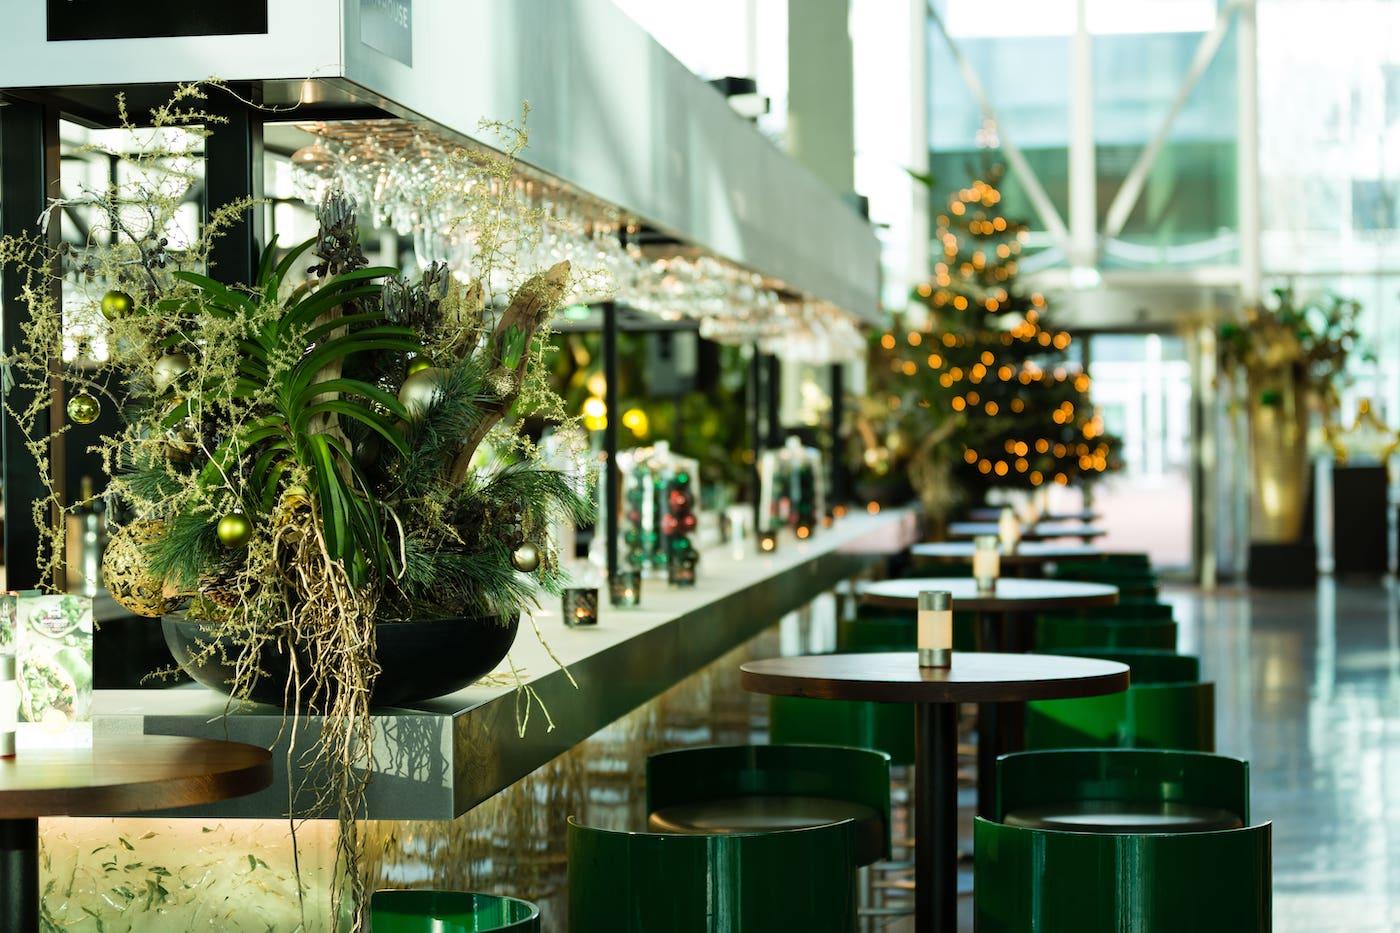 Bas de Boer Eventstyling Weihnachtsdekoration Metropolitan Raumdekoration Weihnachtsgesteck und Weihnachtsbaum mit grüne und goldene Weihnachtskugeln www.basdeboer eventstyling.de 8 - Weihnachtsfeier Eventstyling